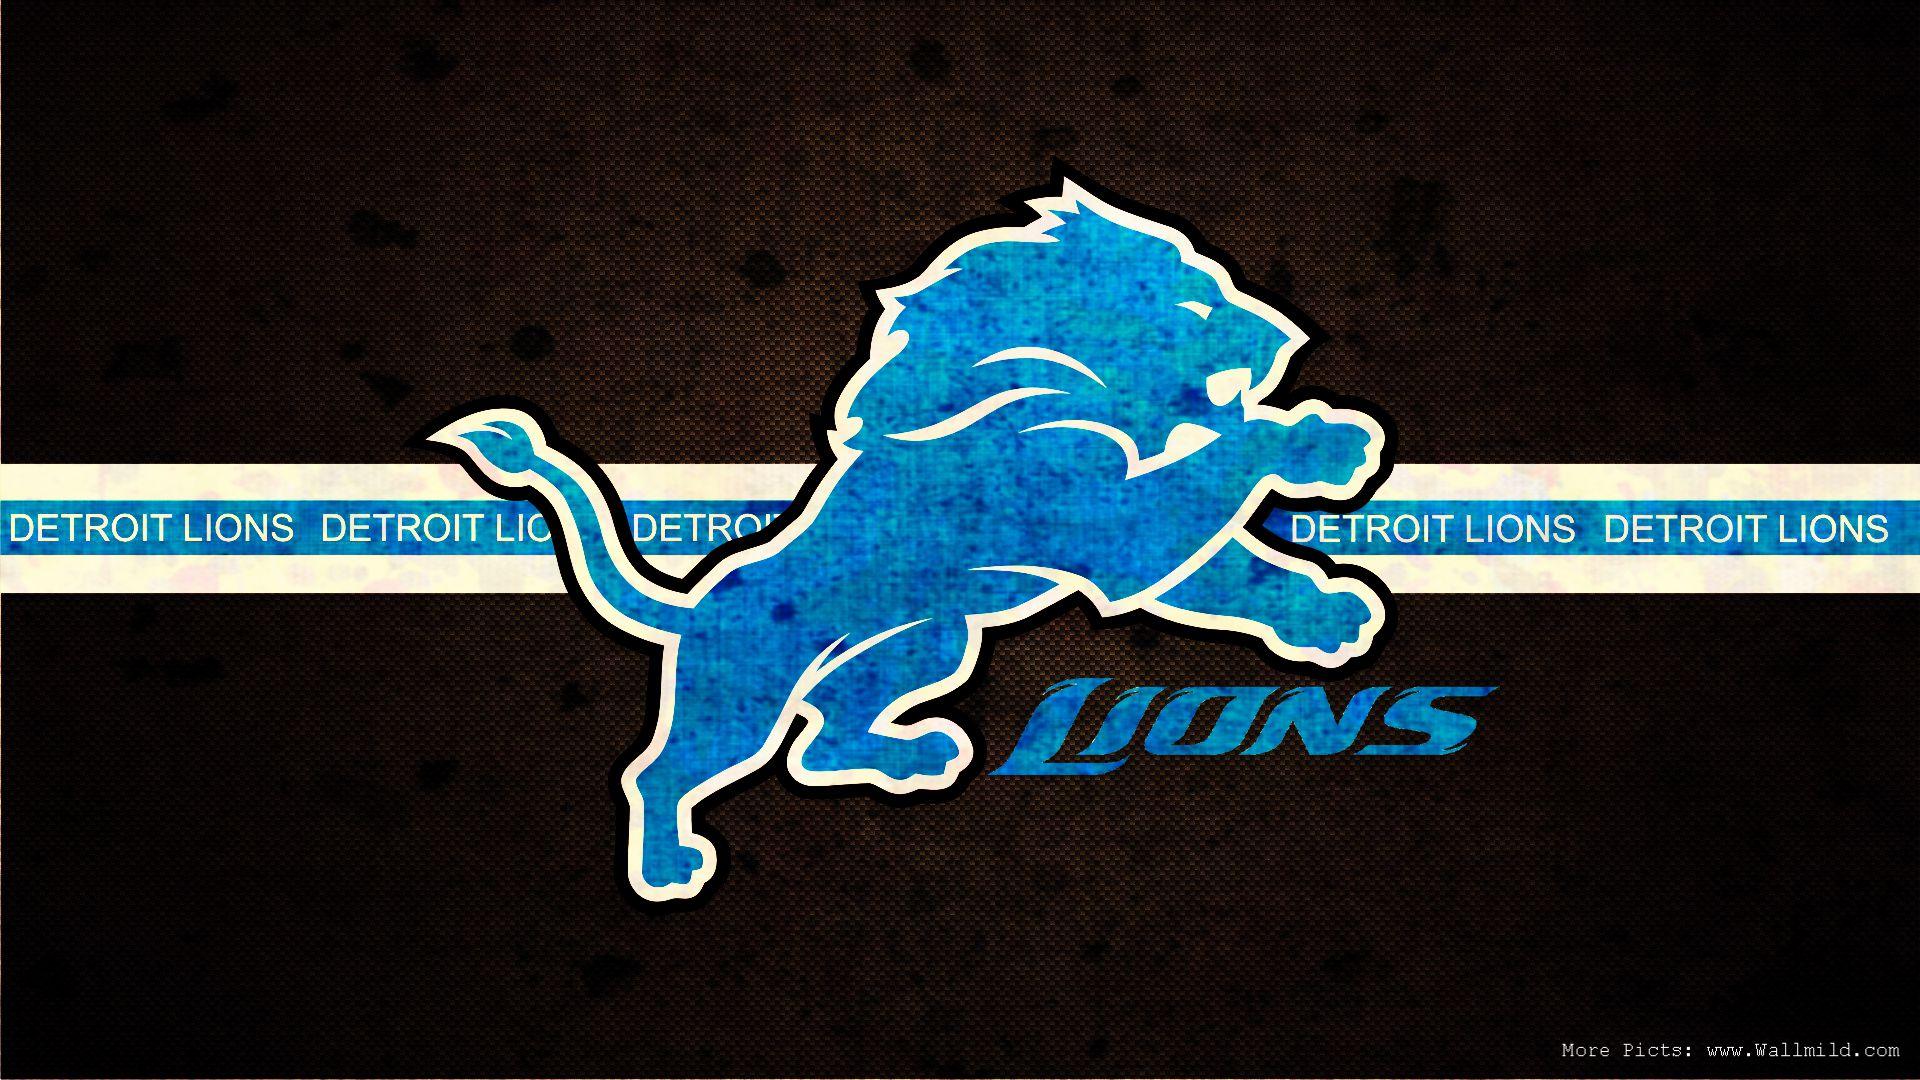 Detroit Lions Logo NFL Background 1920x1080